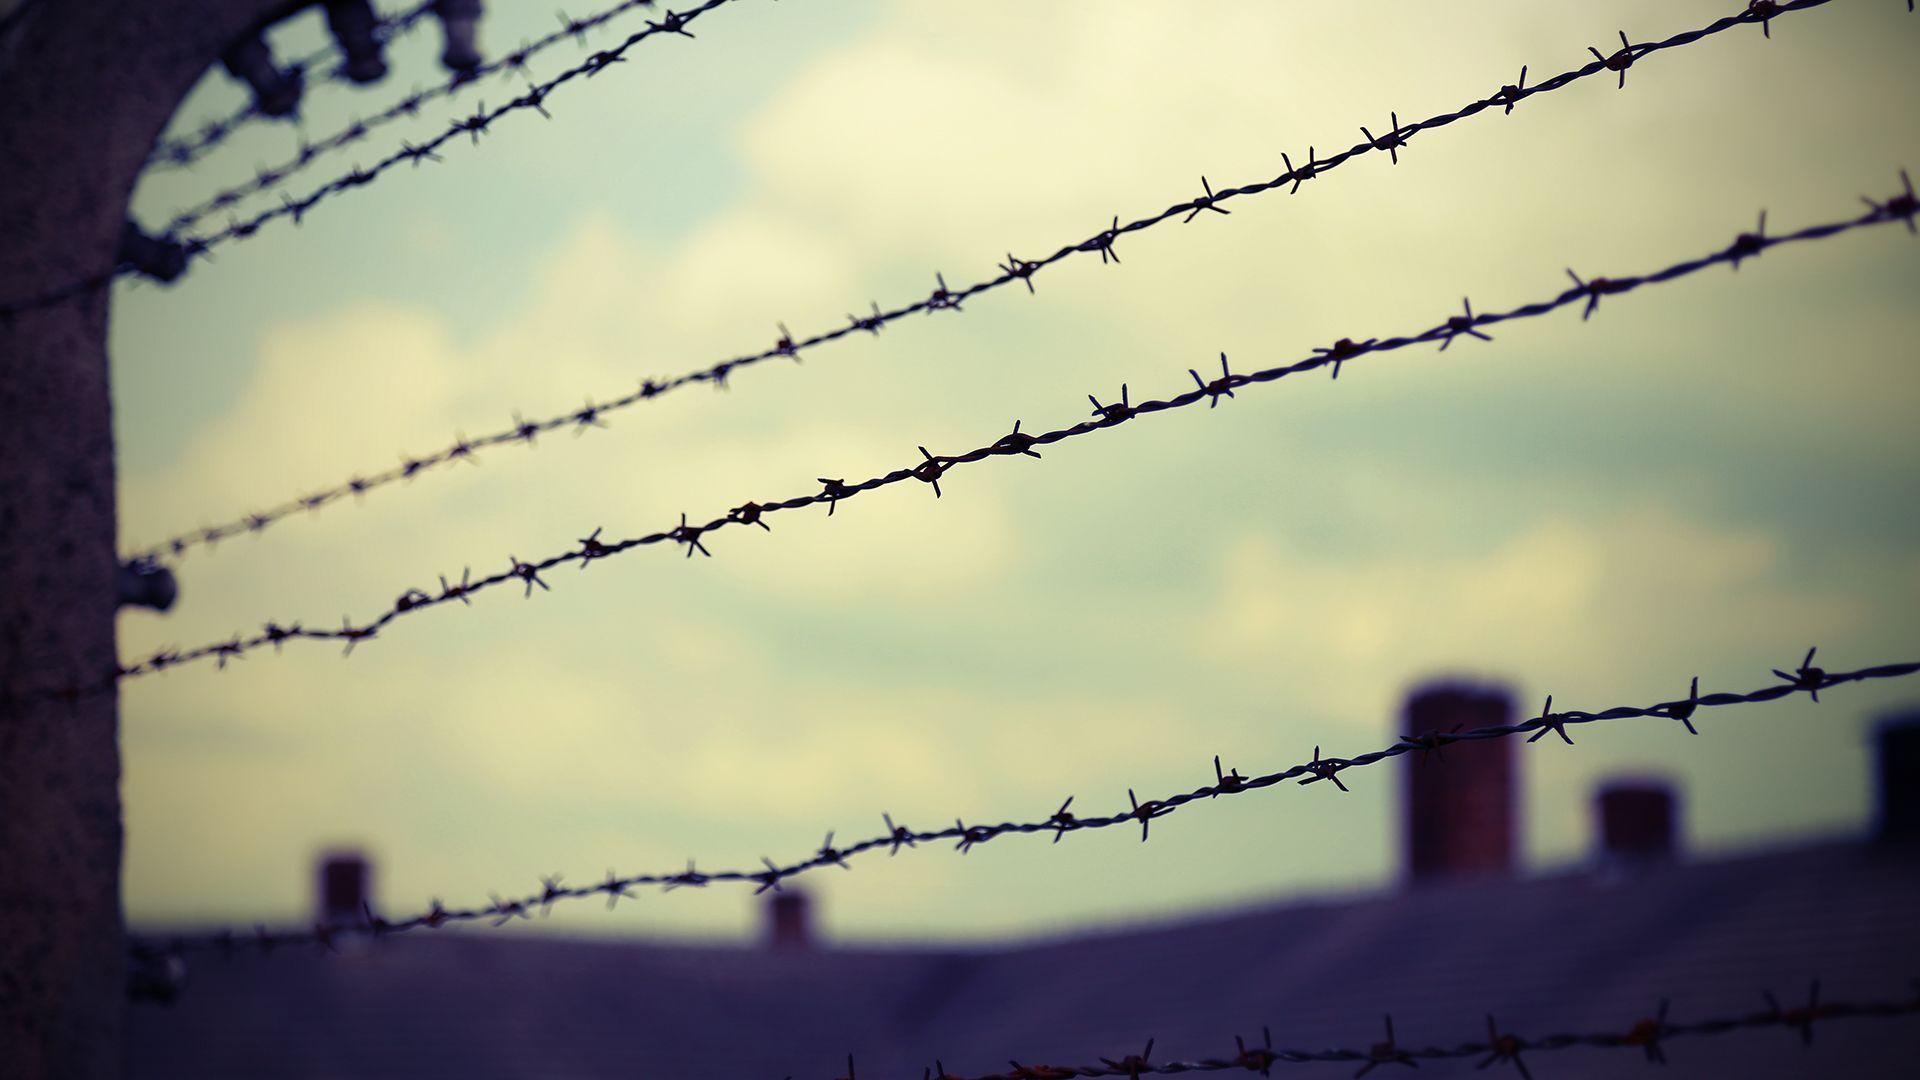 Szívbemarkoló fénykép került elő az auschwitzi koncentrációs táborból